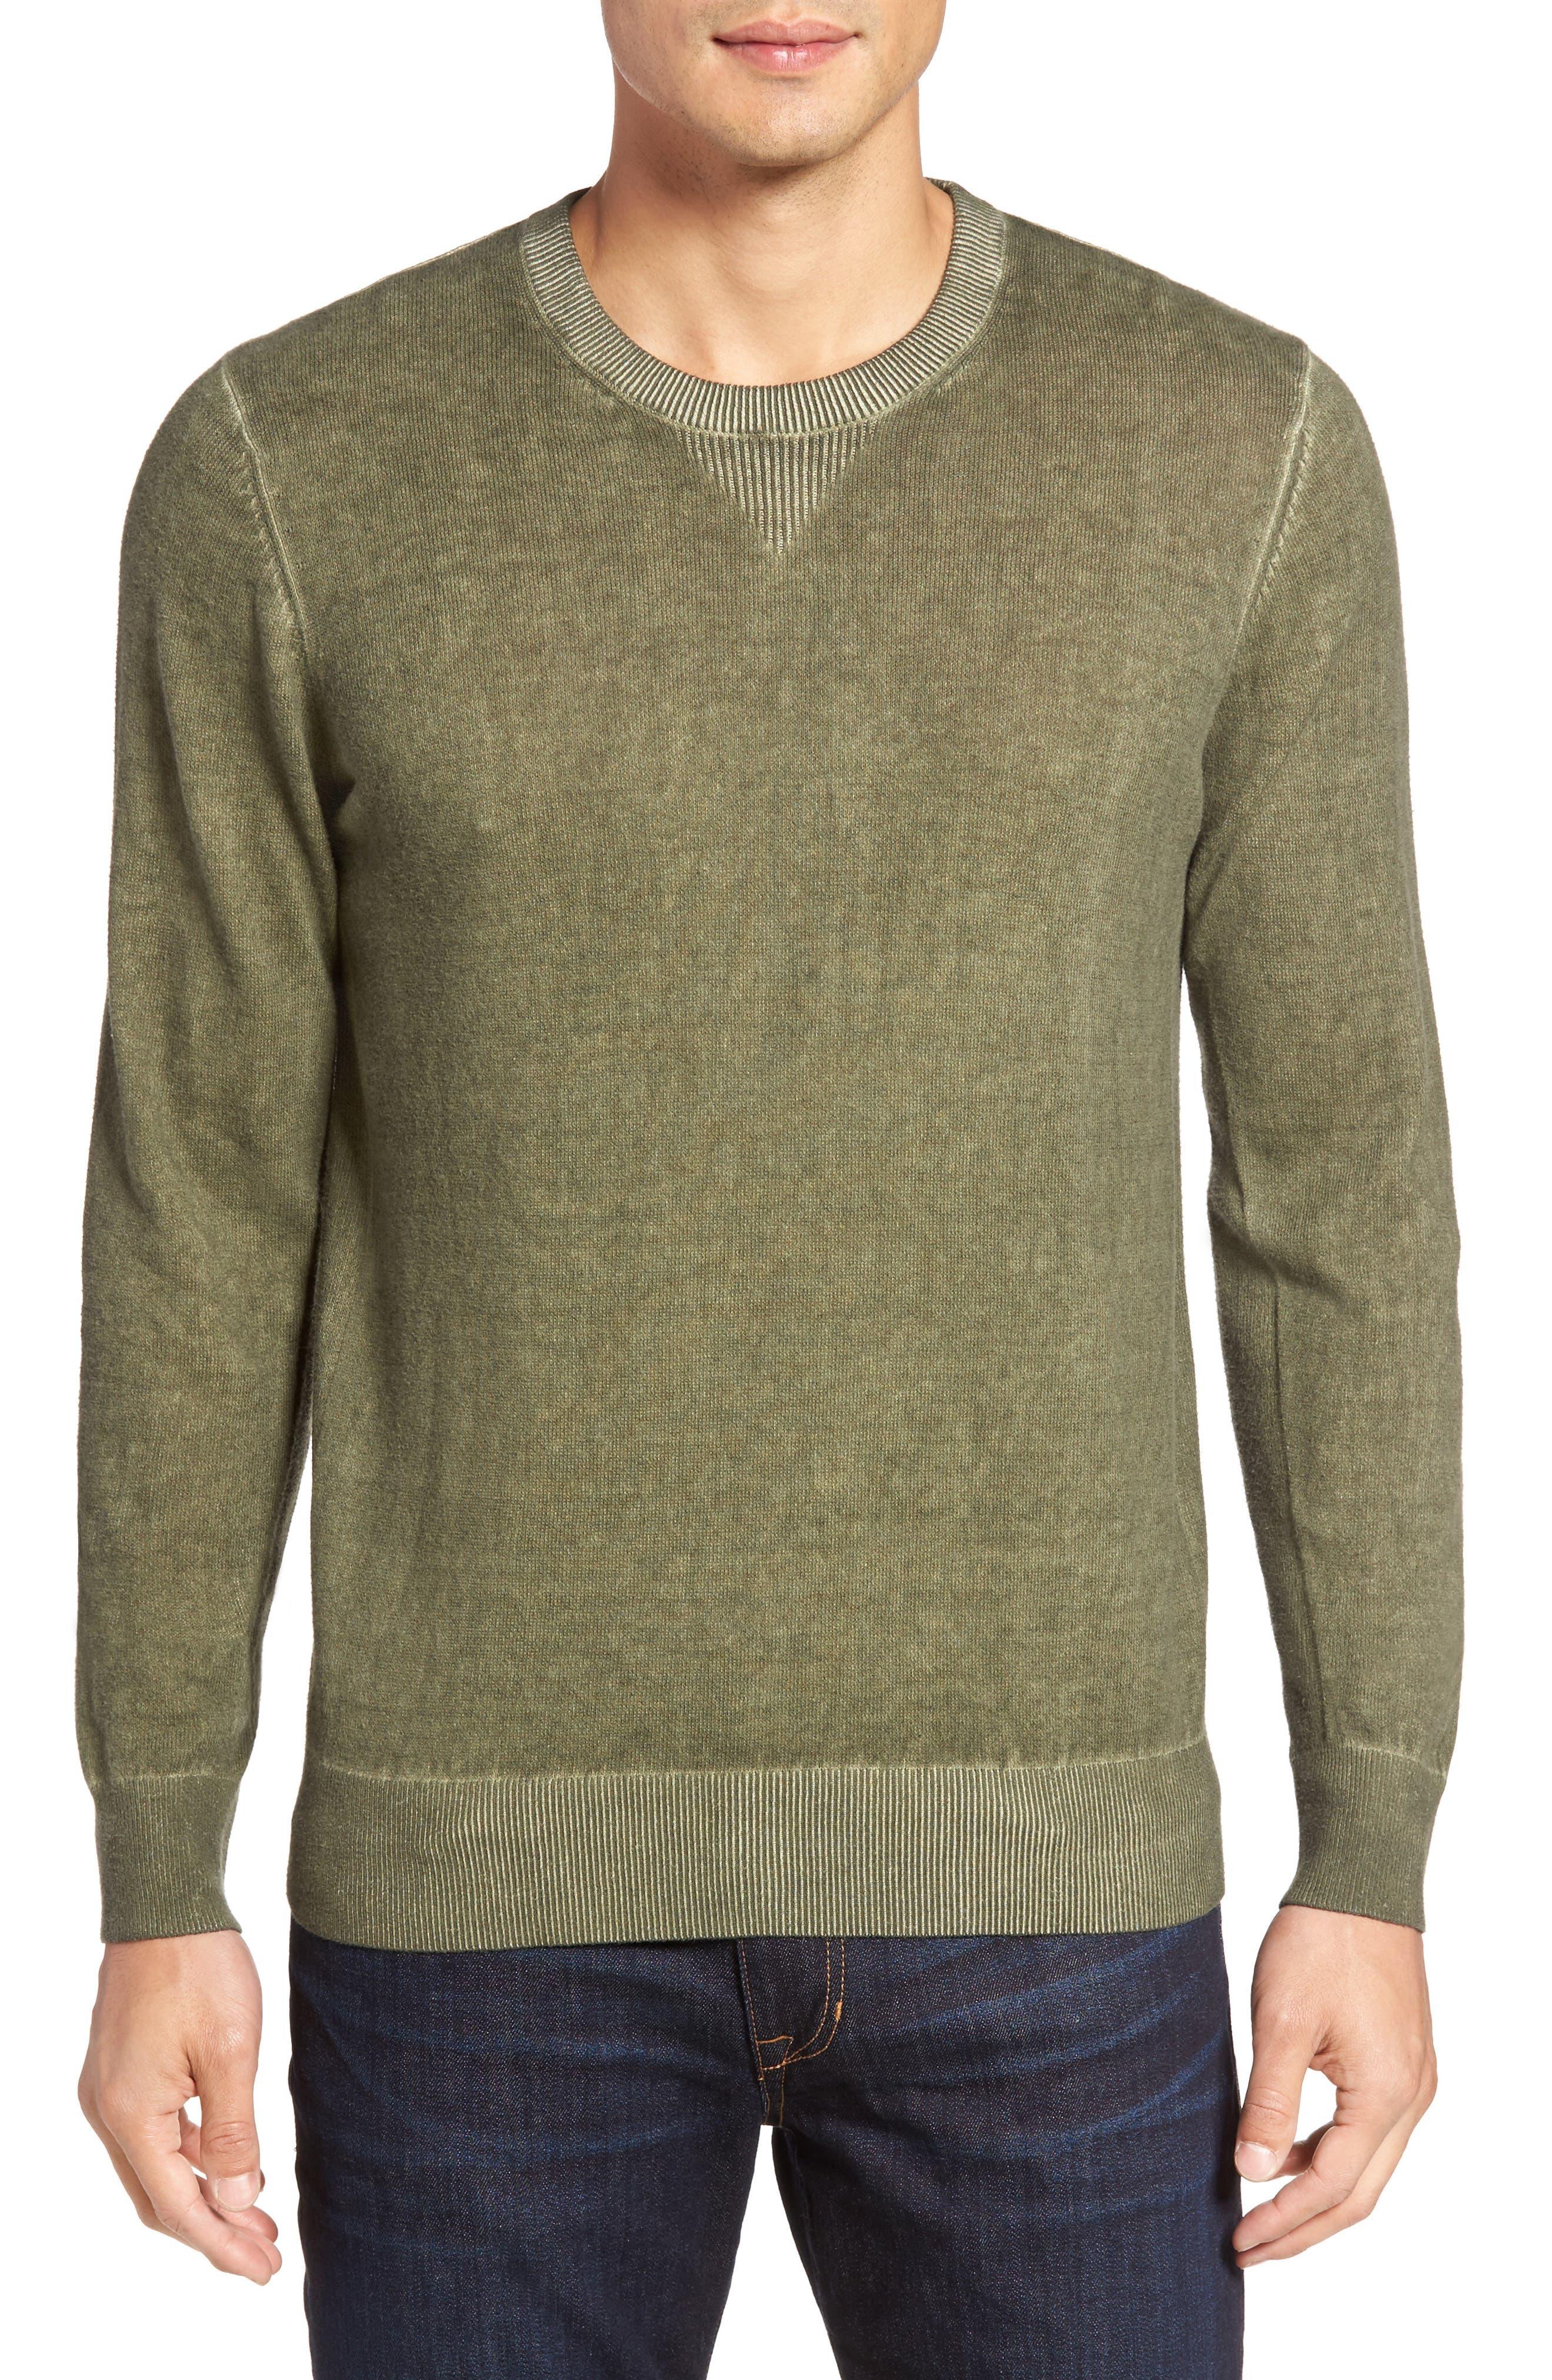 Mace Crewneck Sweater,                         Main,                         color, Moonwash Caper Green